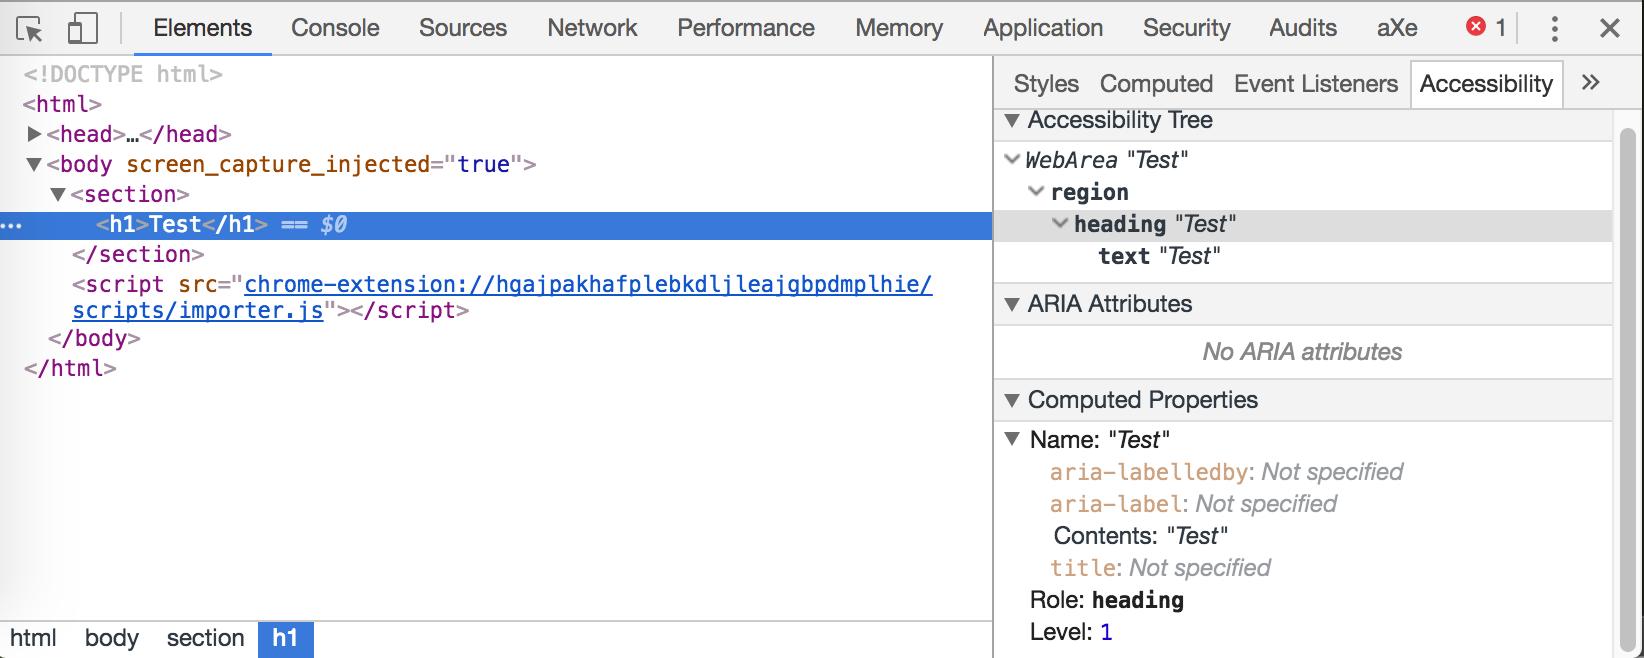 Screenshot otwartych narzędzi programistycznych Chrome, w których podglądany w zakładce Accessibility jest tag section > h1